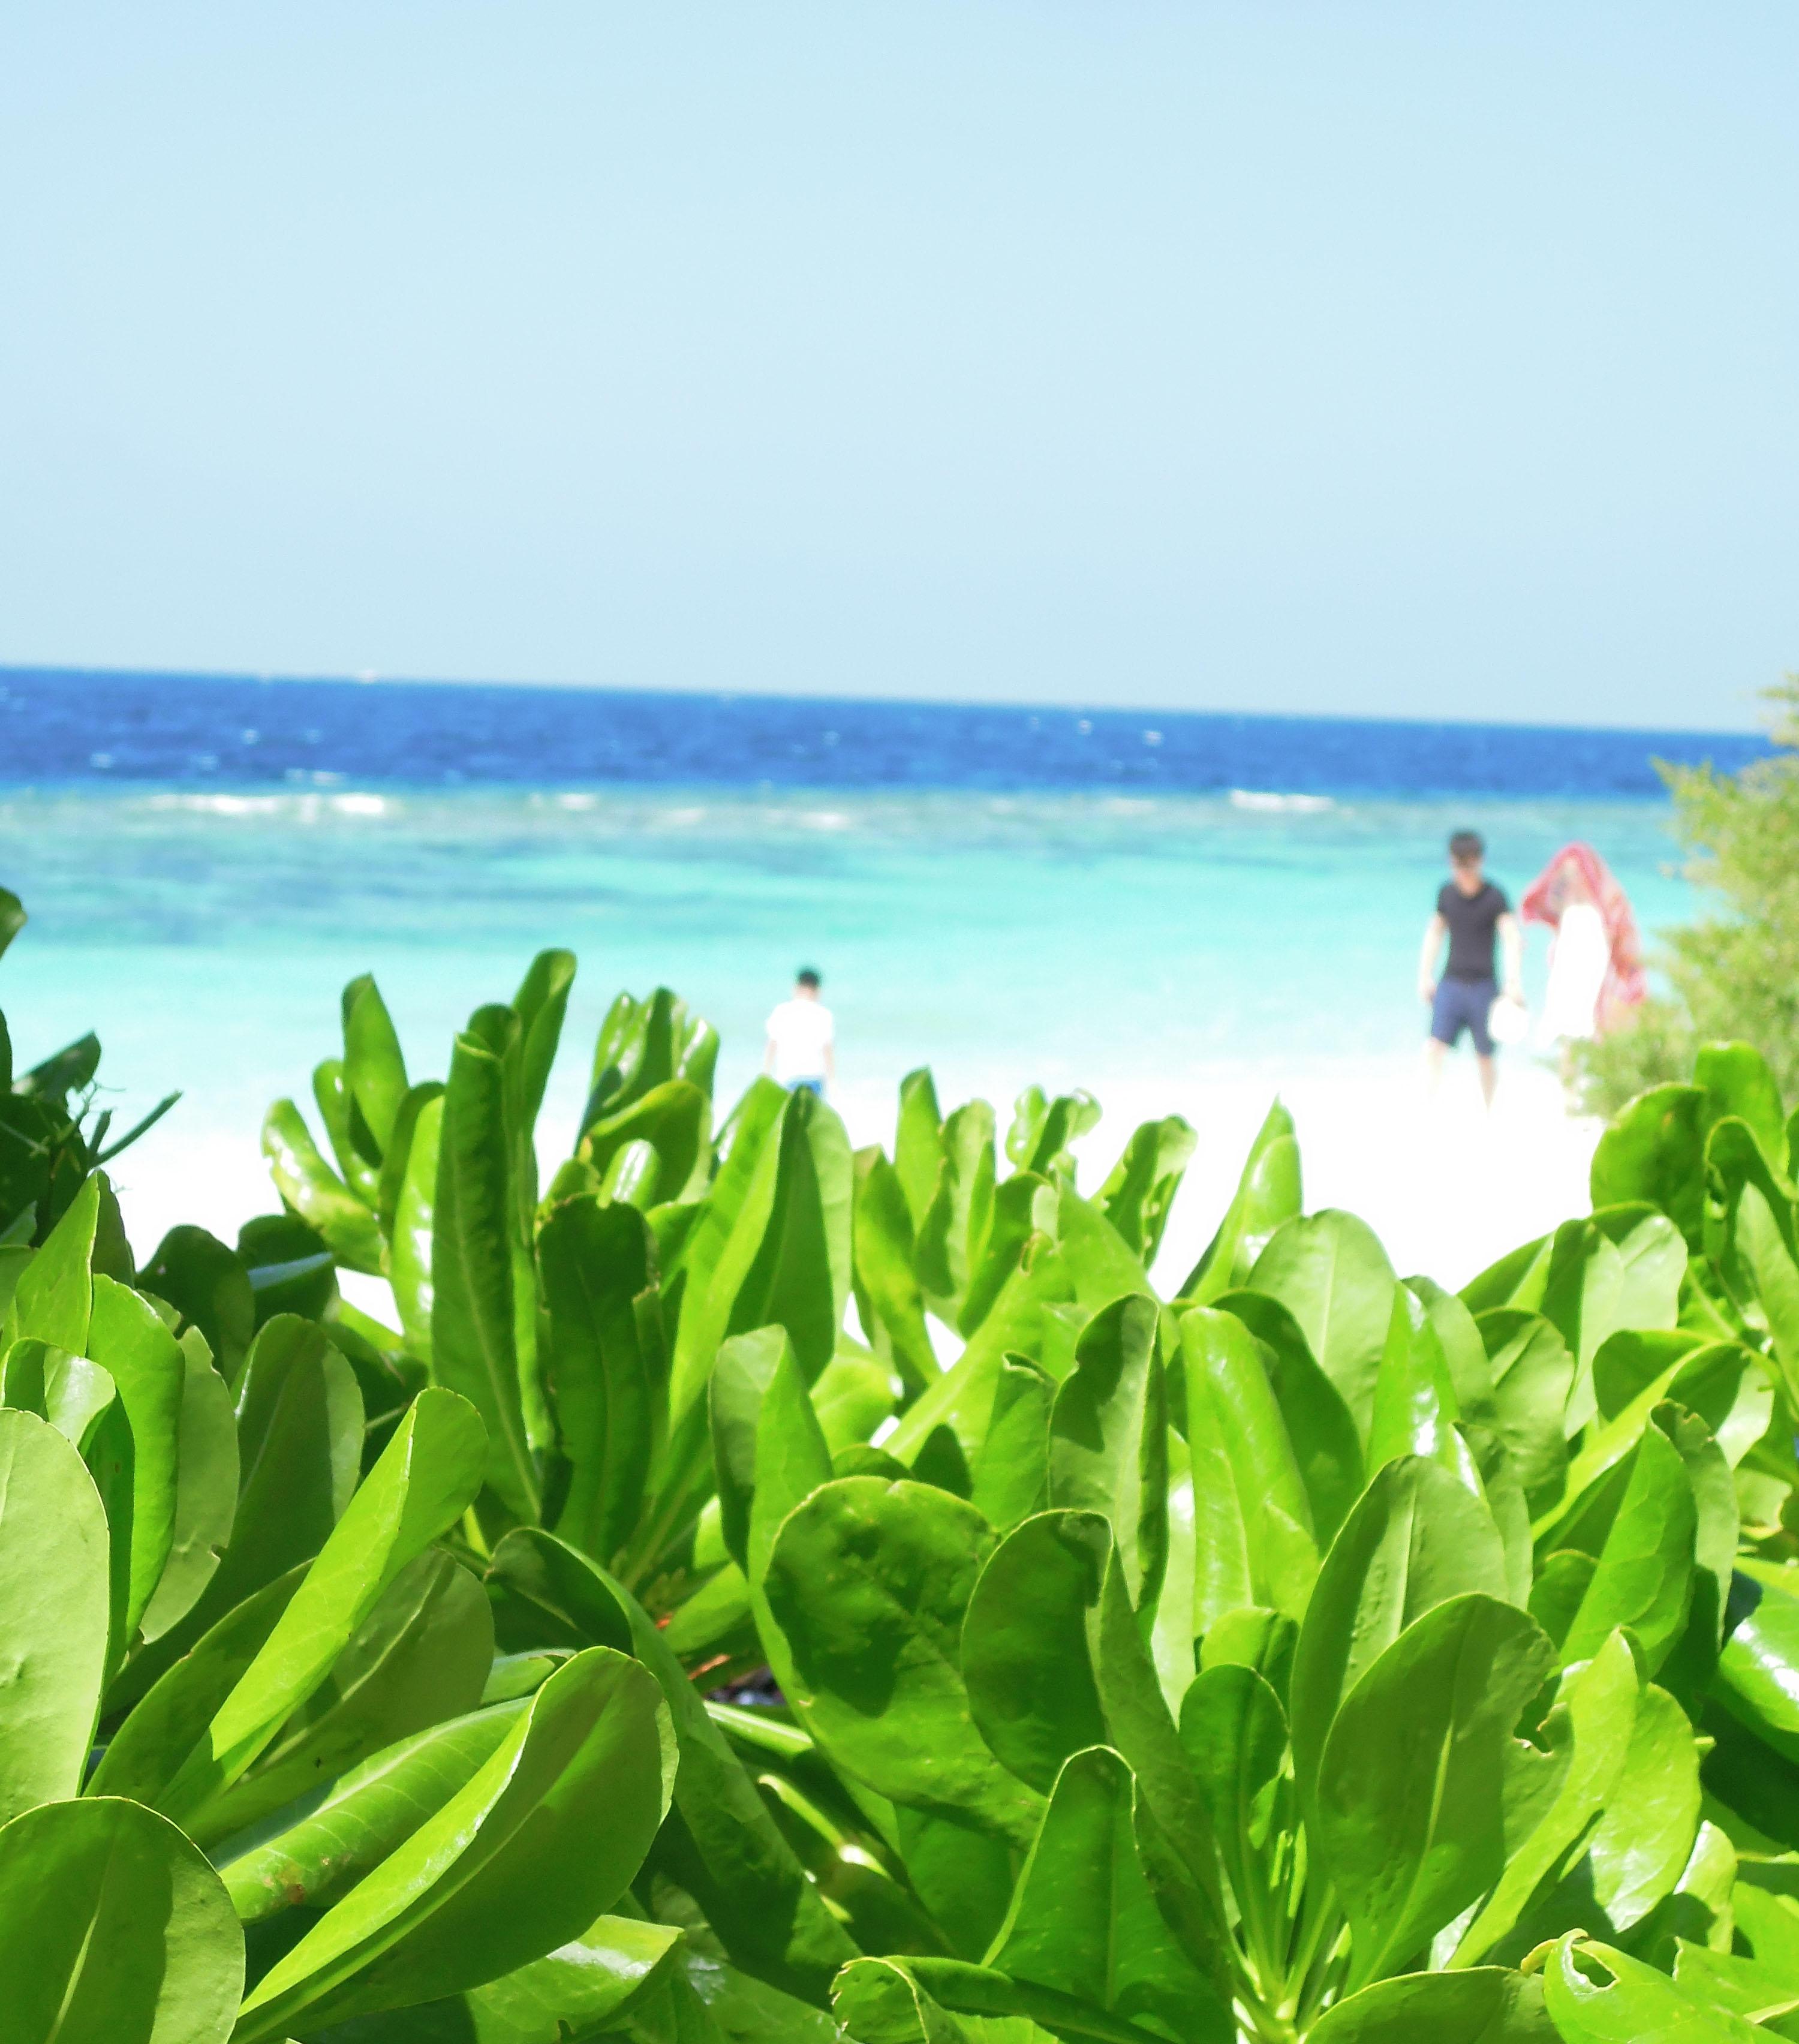 島内には自然がいっぱいだ。